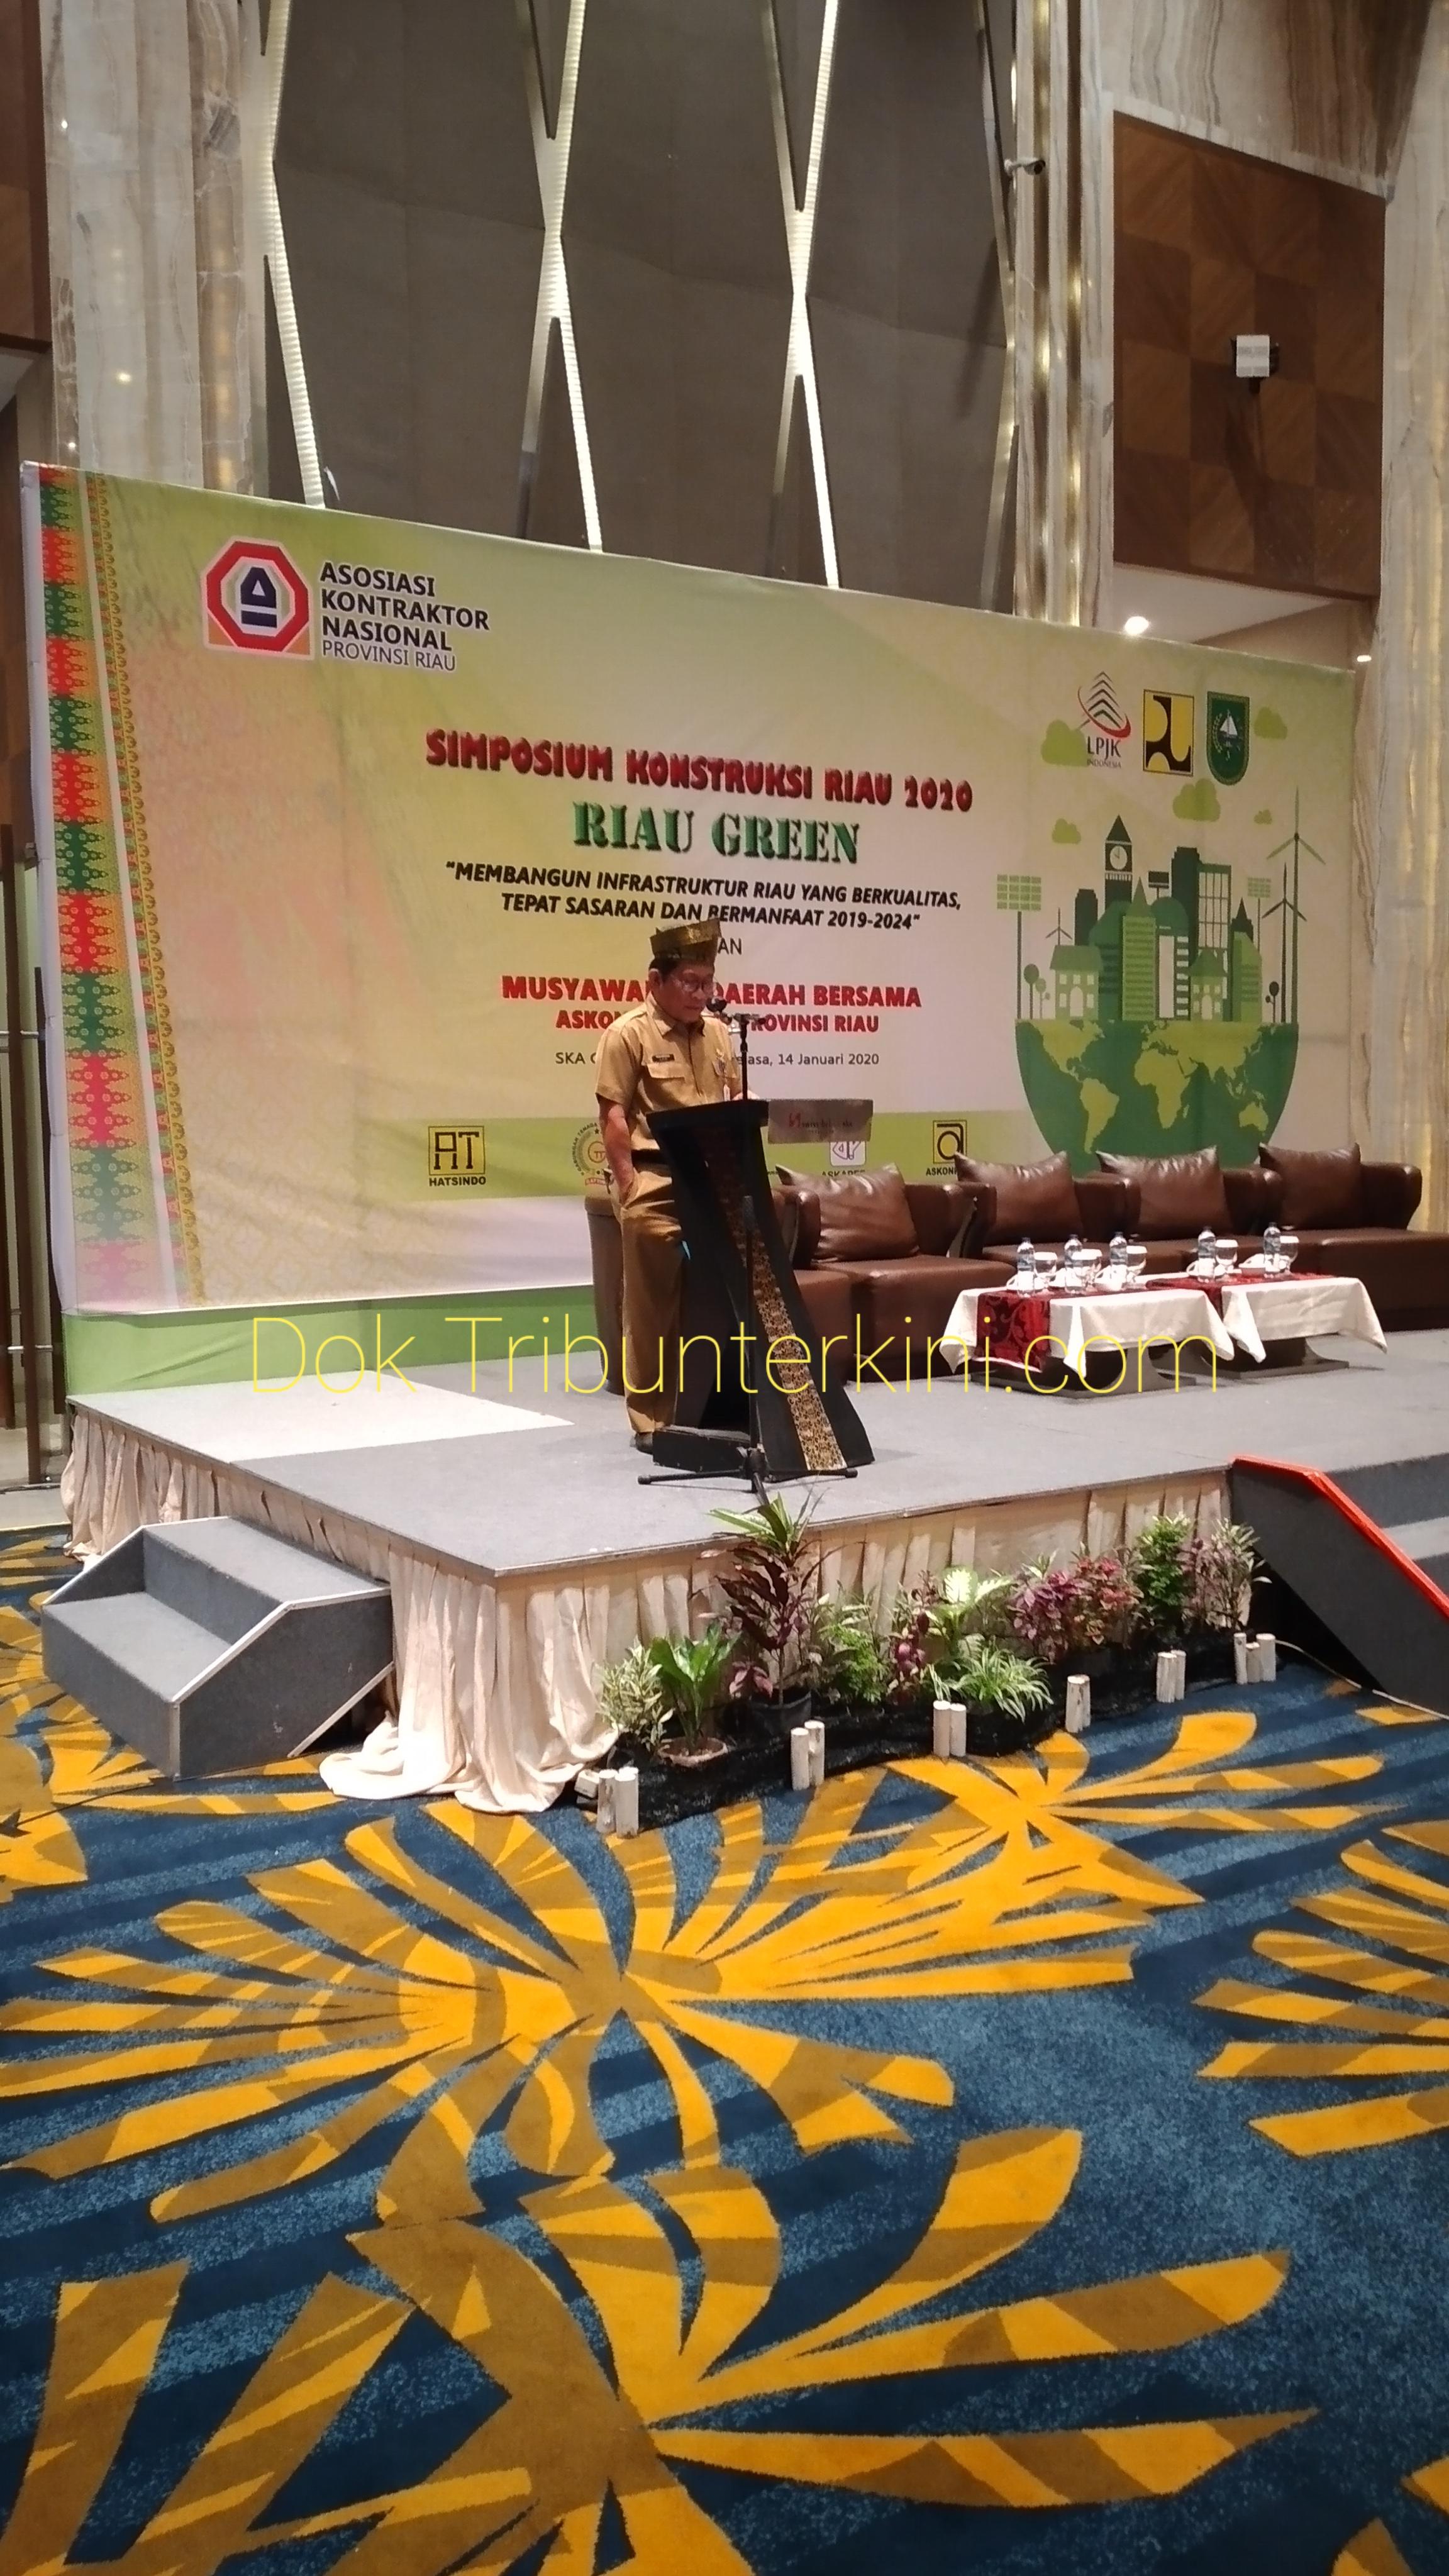 Dalam Pembukaan Acara Simposium Kontruksi Riau 2020, Sekdaprov Riau Memaparkan Sepuluh Prioritas Pembangunan Di Provinsi Riau